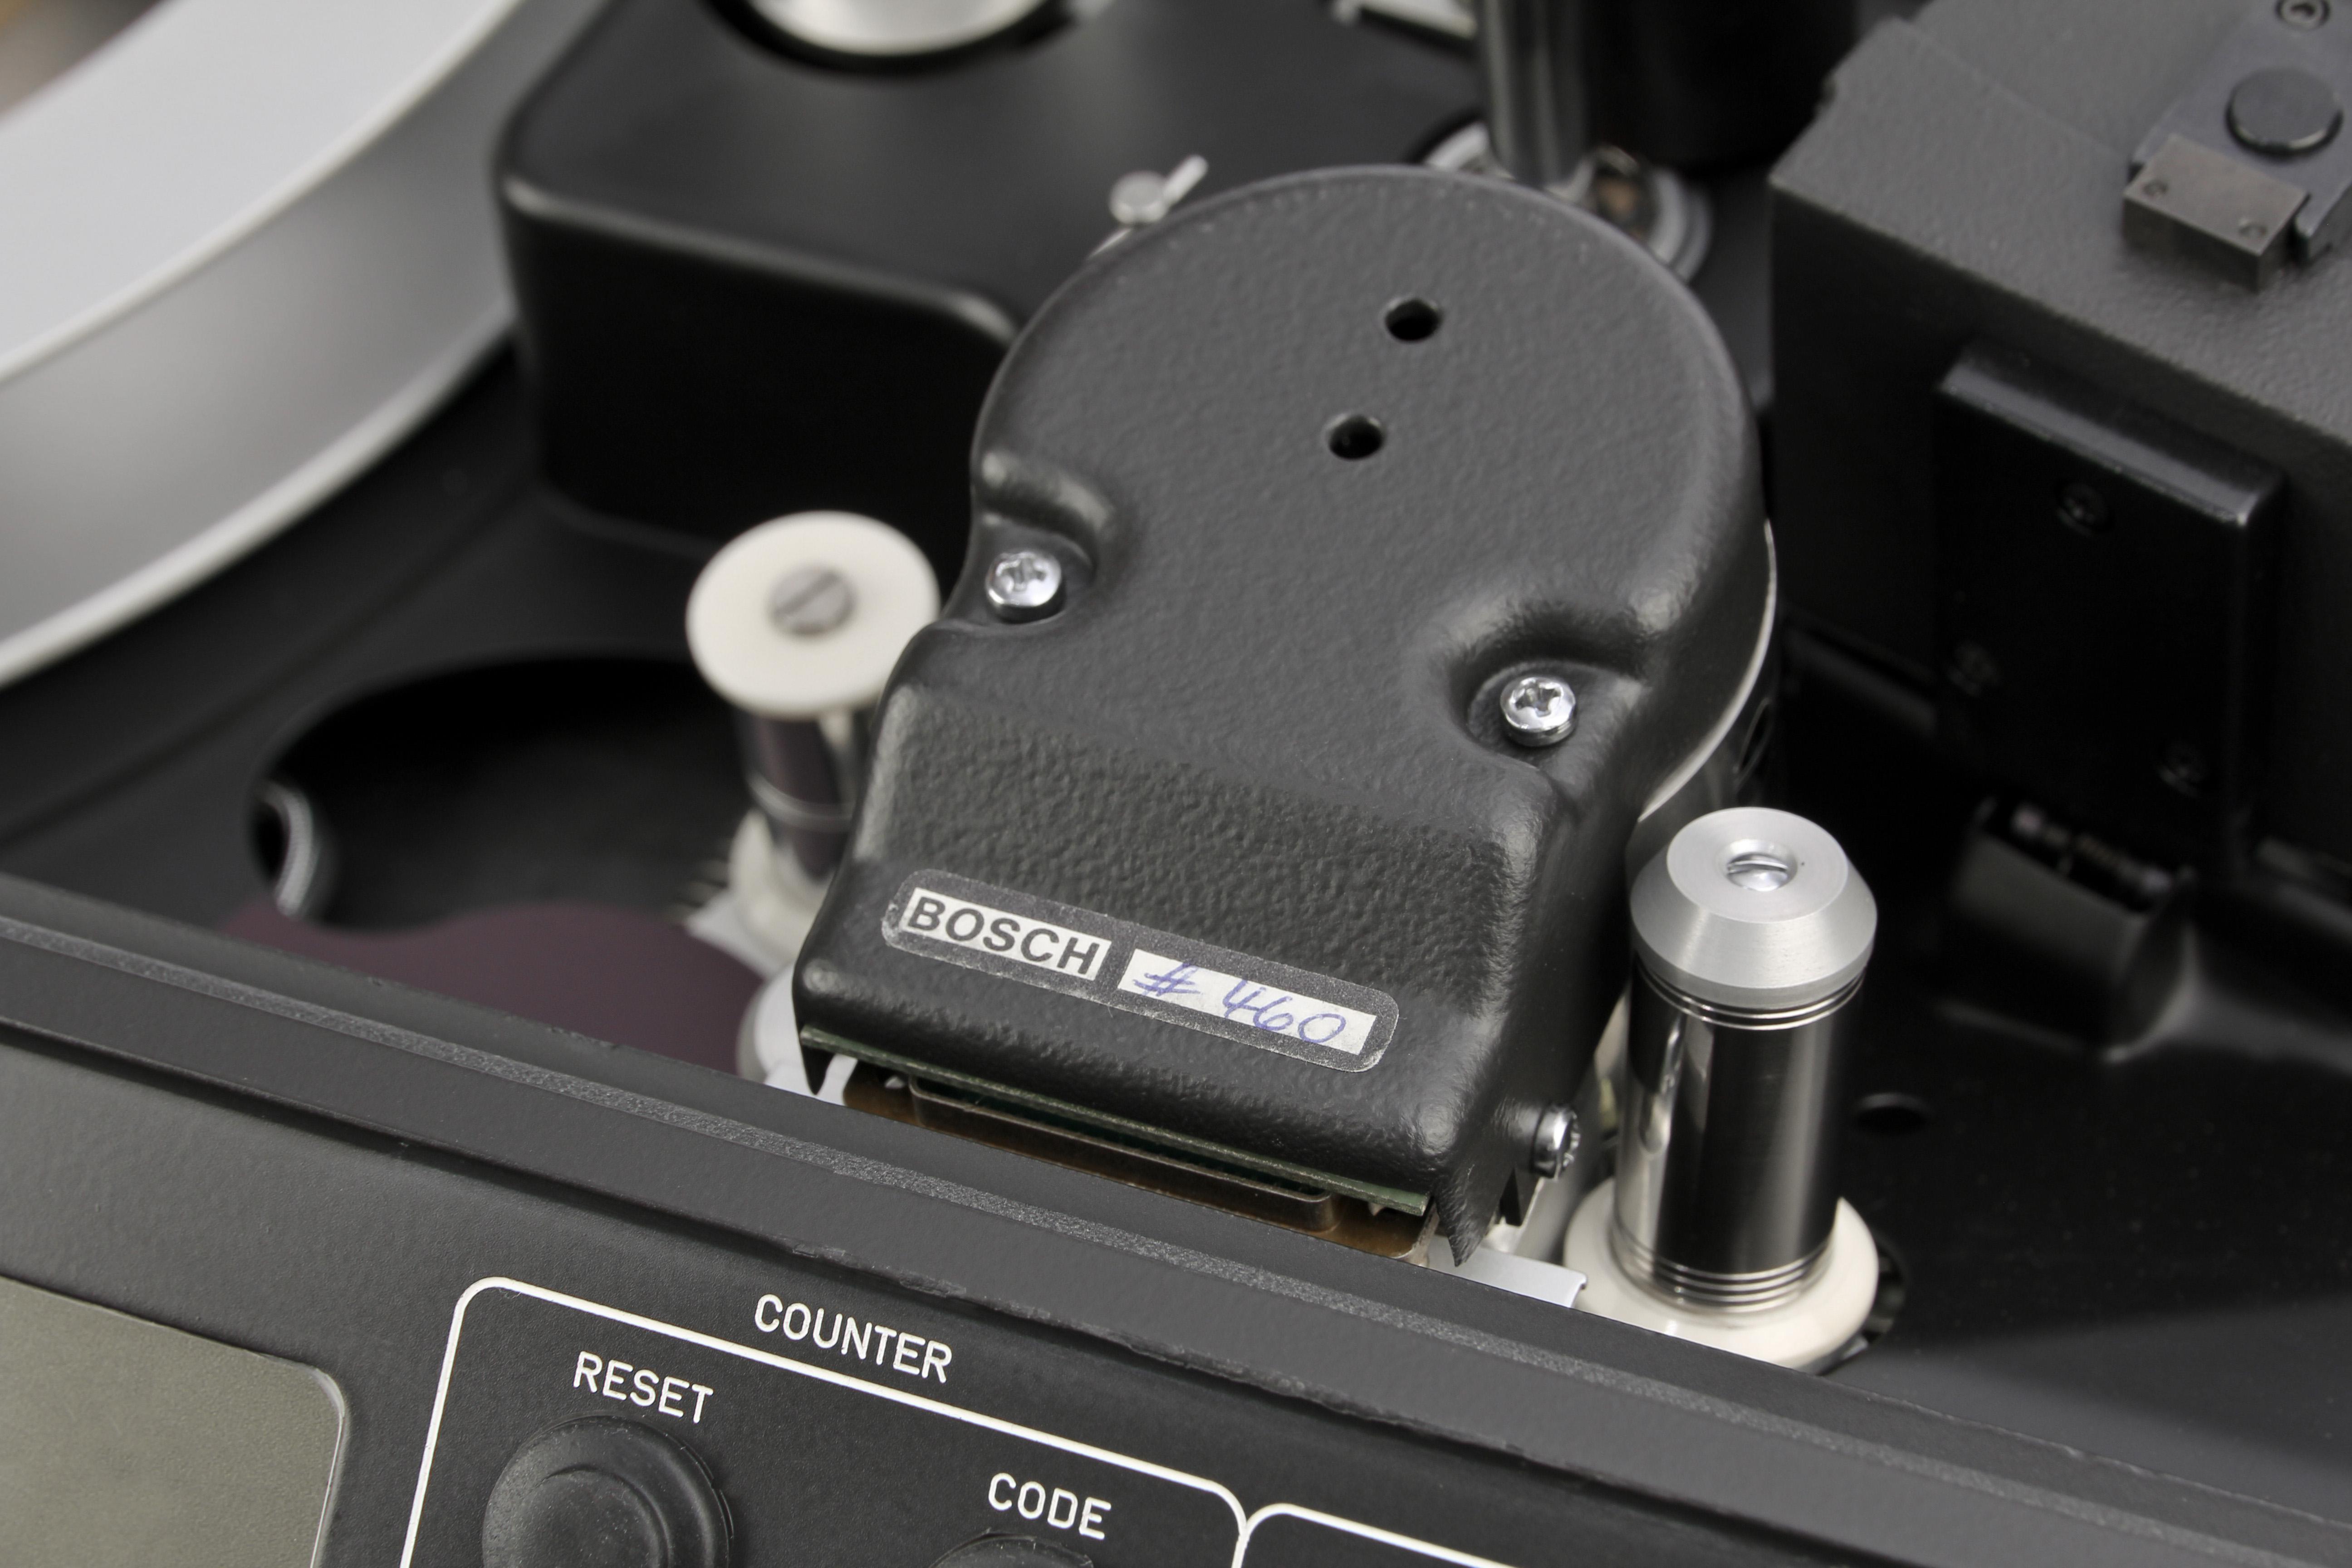 Bosch BCN 21 - 9